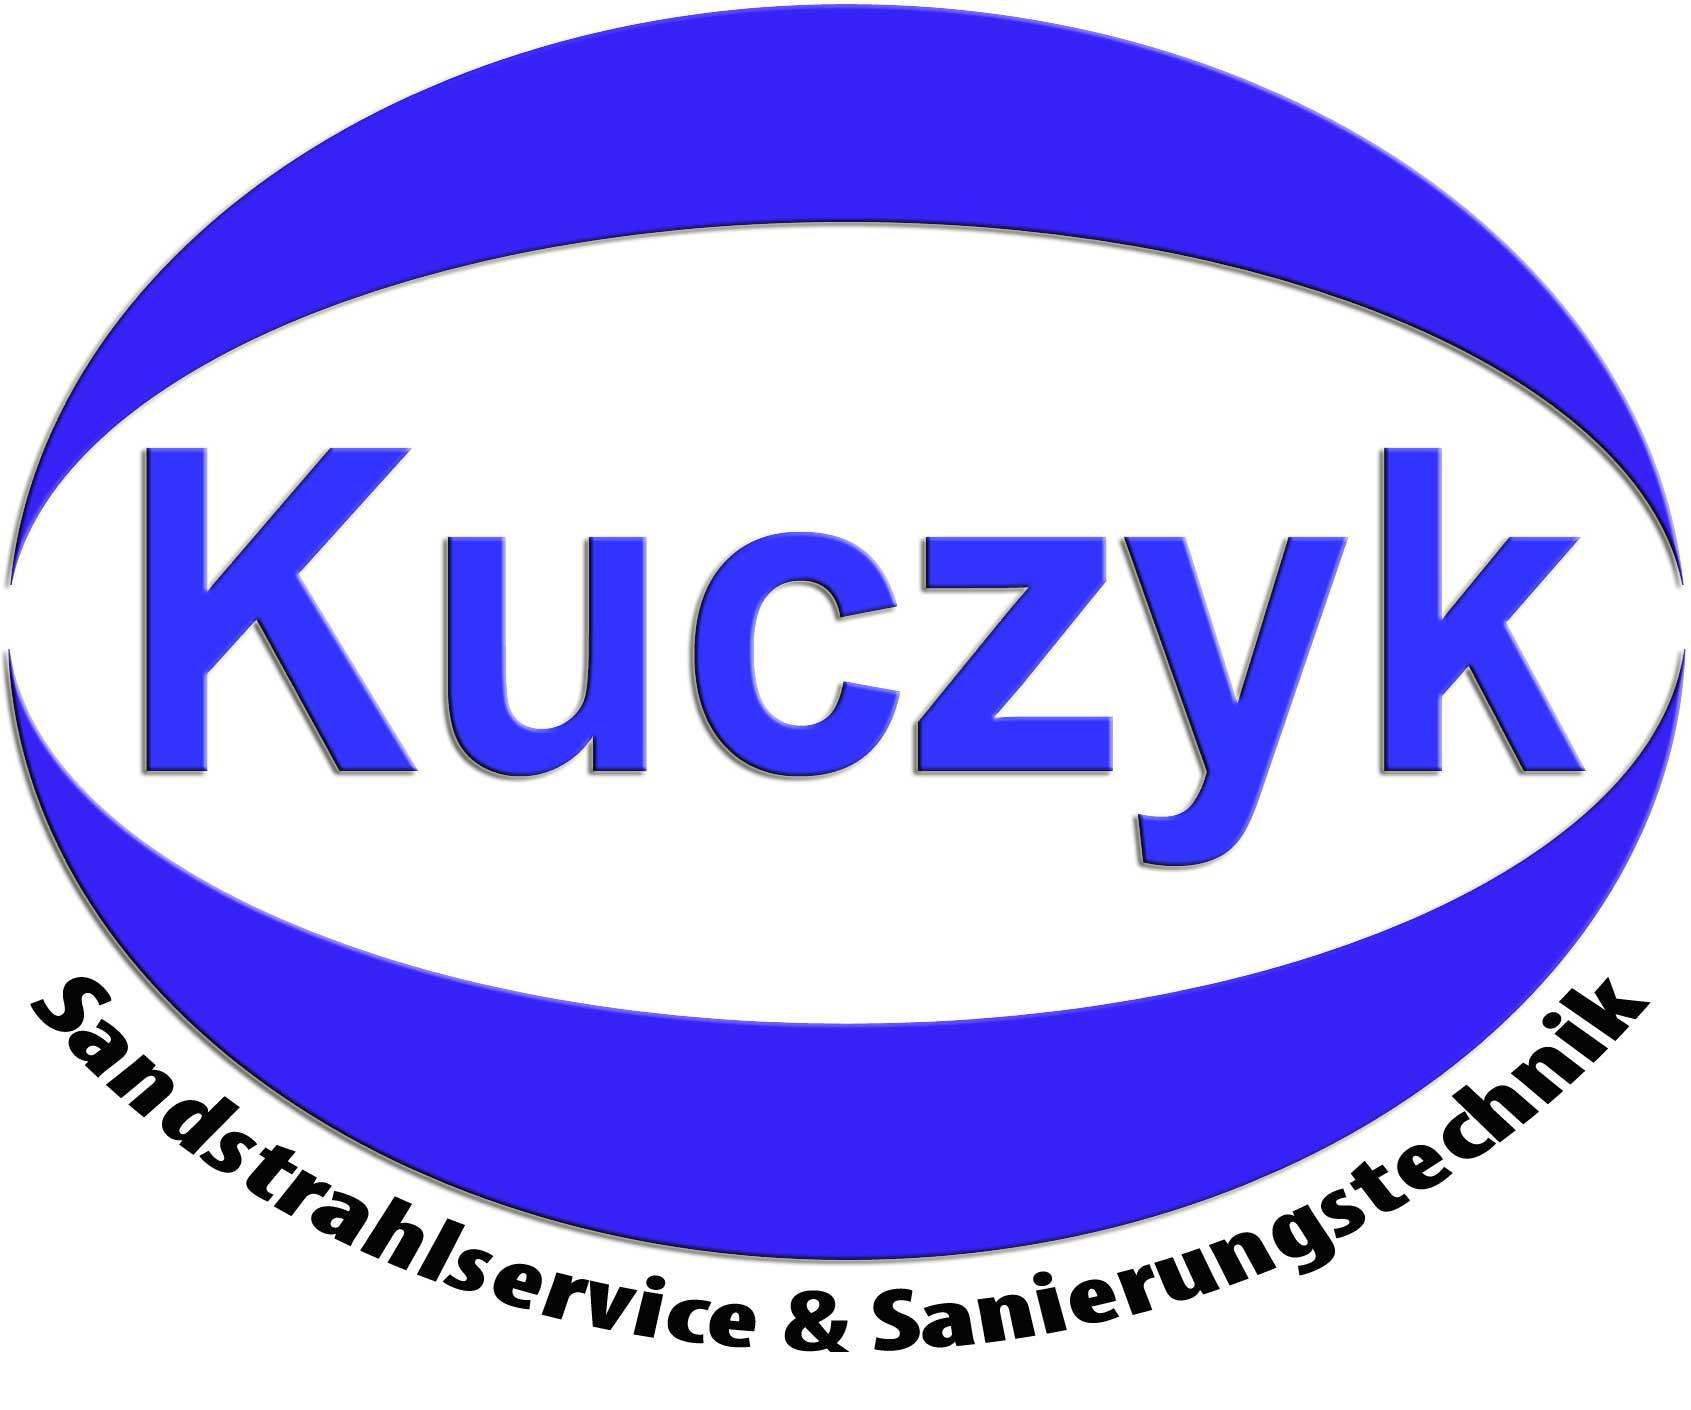 Kuczyk Sandstrahlservice & Sanierungstechnik